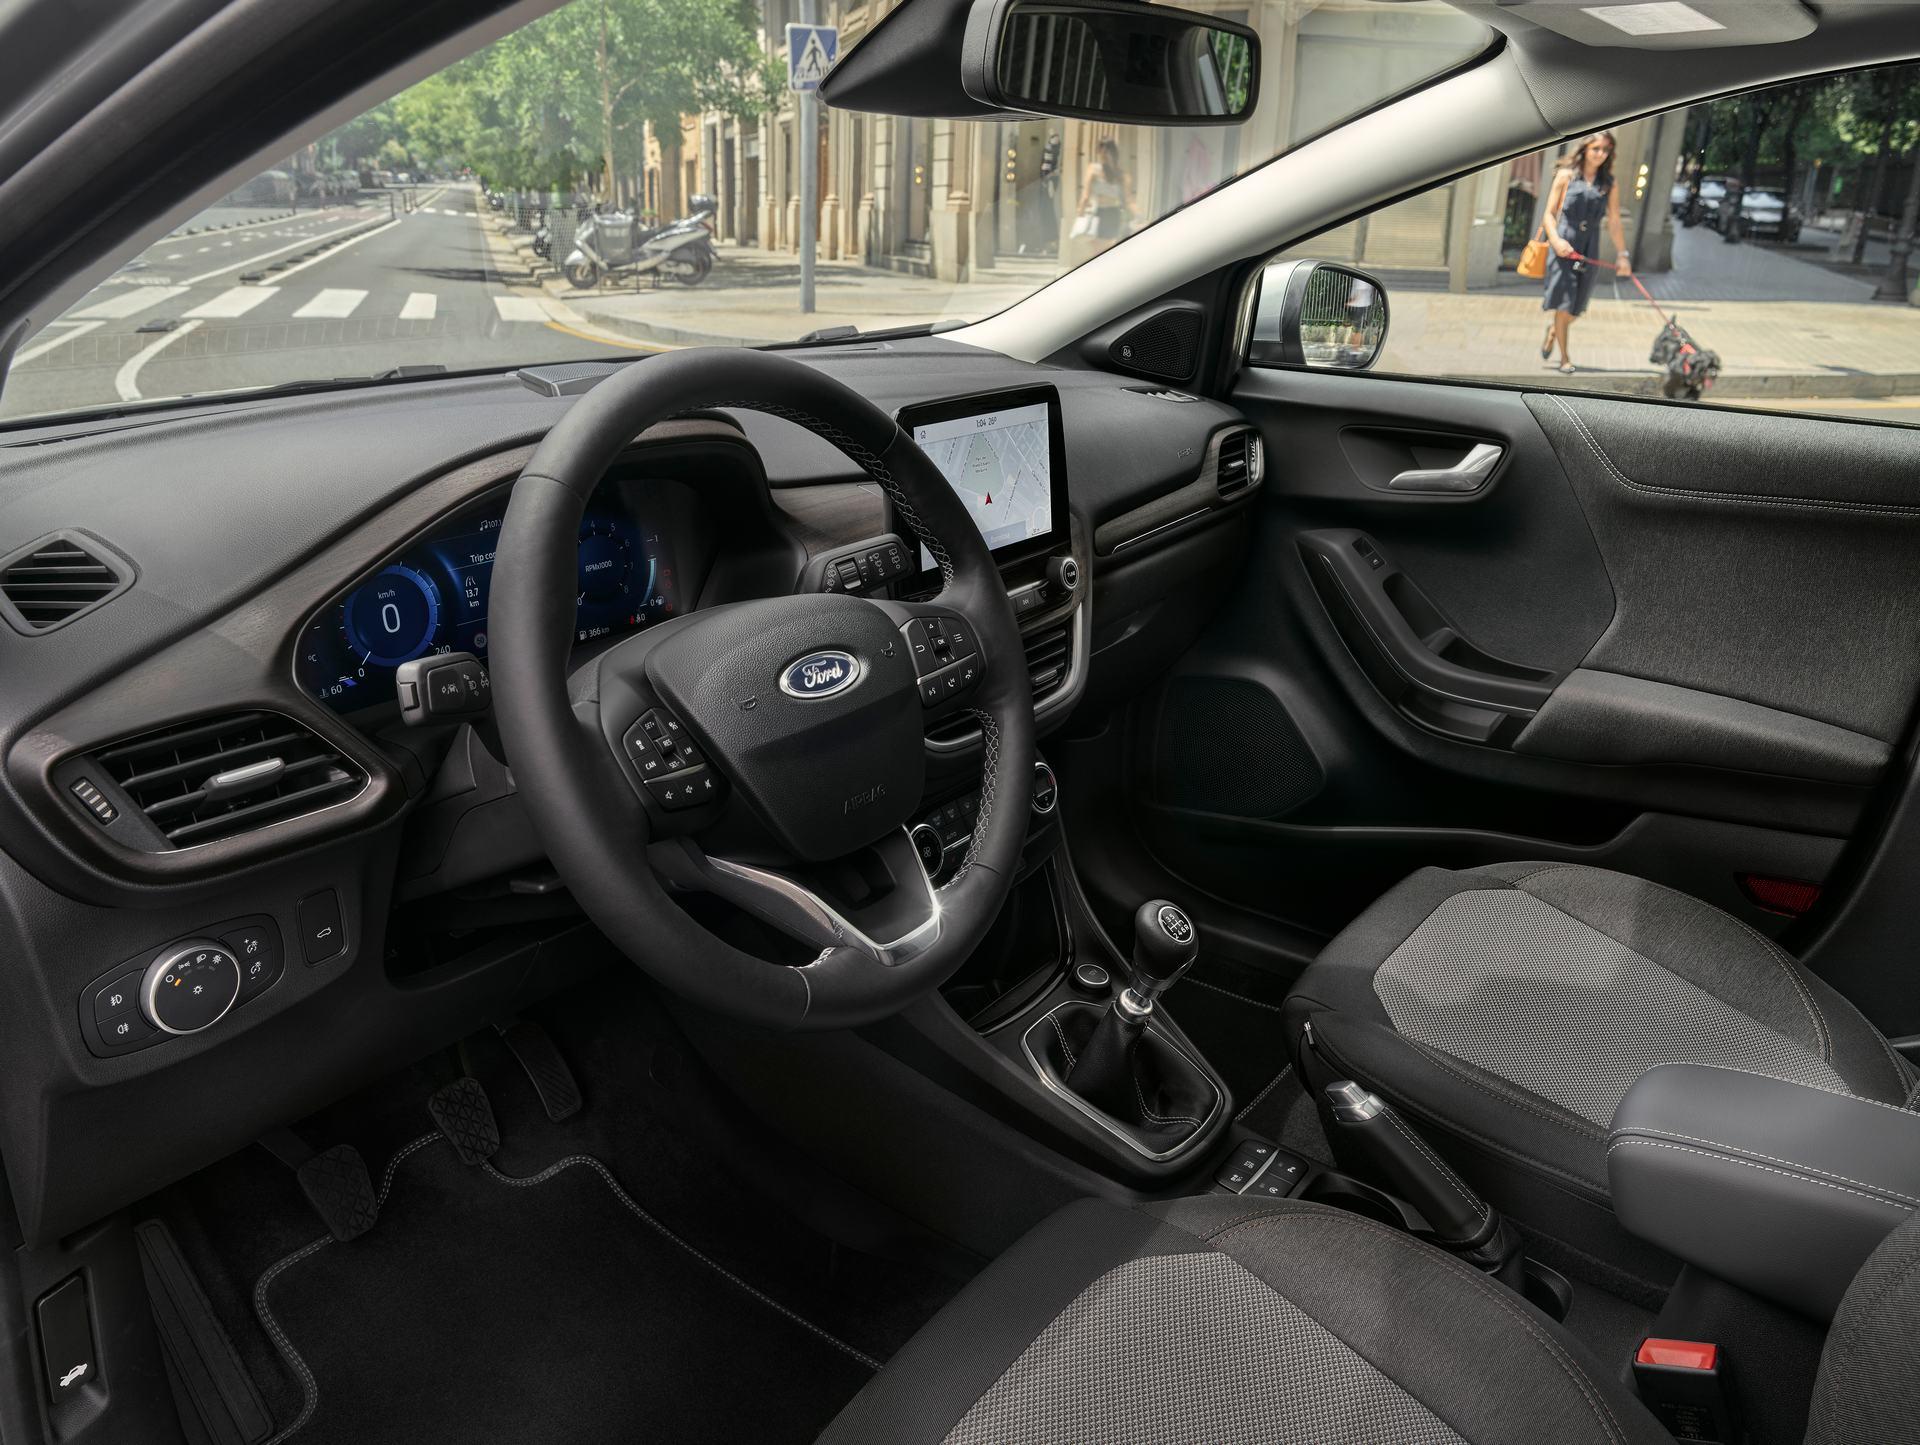 Προηγμένες στάνταρ τεχνολογίες βοηθούν οδηγό και επιβάτες να παραμένουν συνδεδεμένοι κατά τη διάρκεια του ταξιδιού.